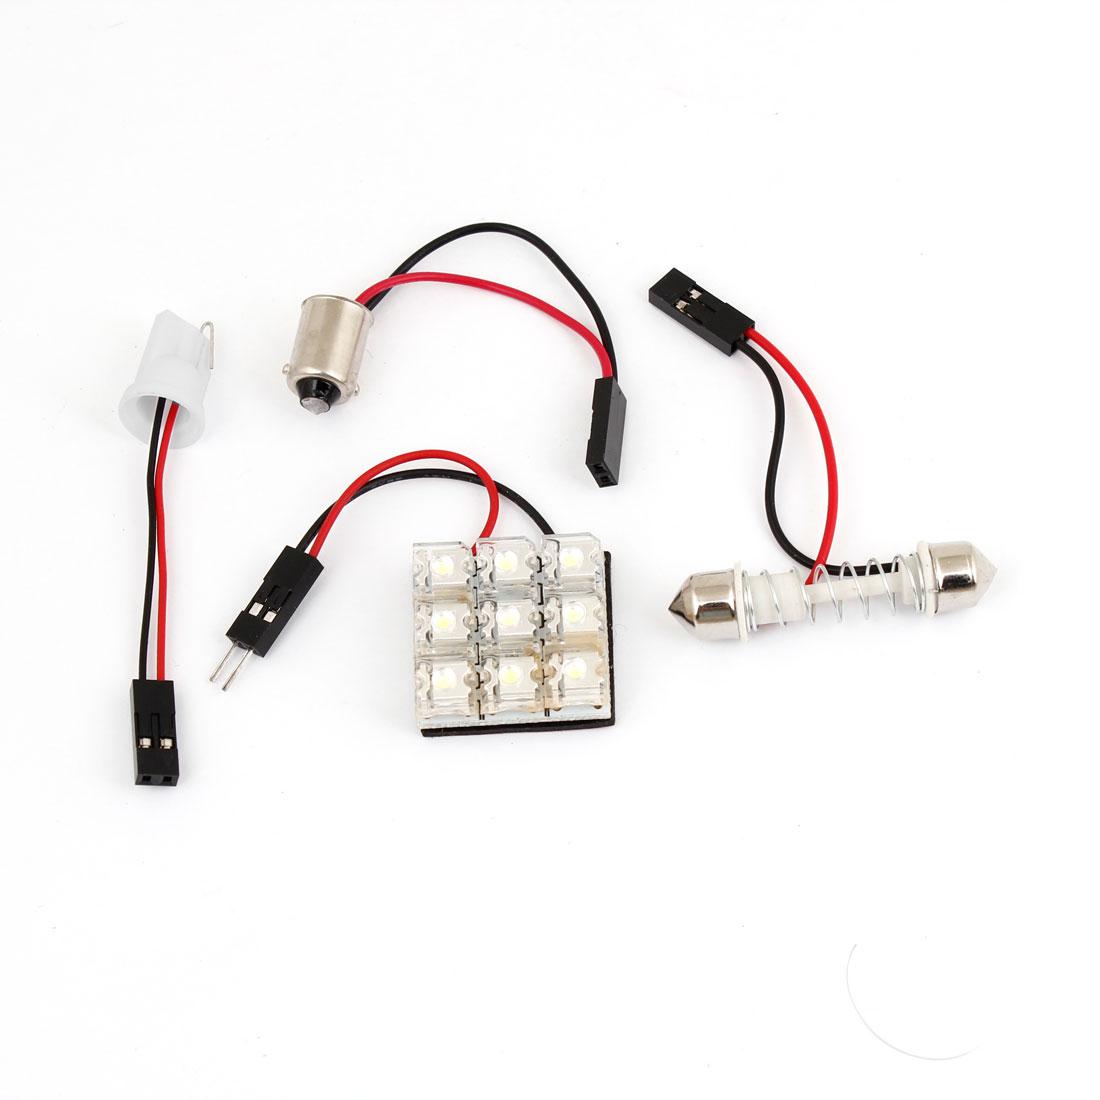 White 9 LED Dome Roof Light Bulb Panel w T10 BA9S Festoon Adapter for Car